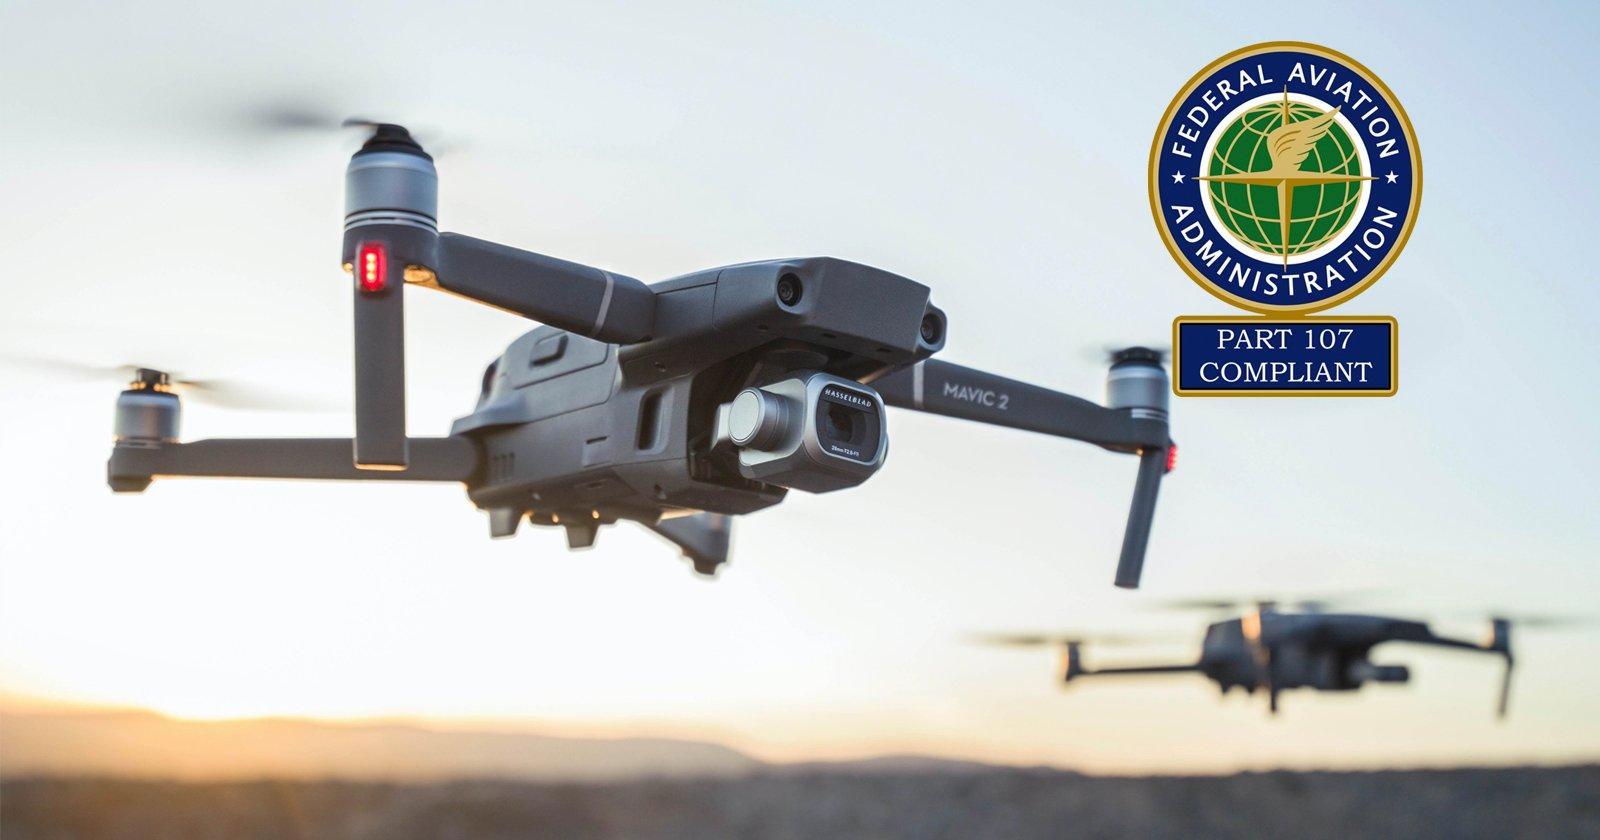 I piloti di droni possono completare l'addestramento online sull'ID remoto a partire dal 6 aprile